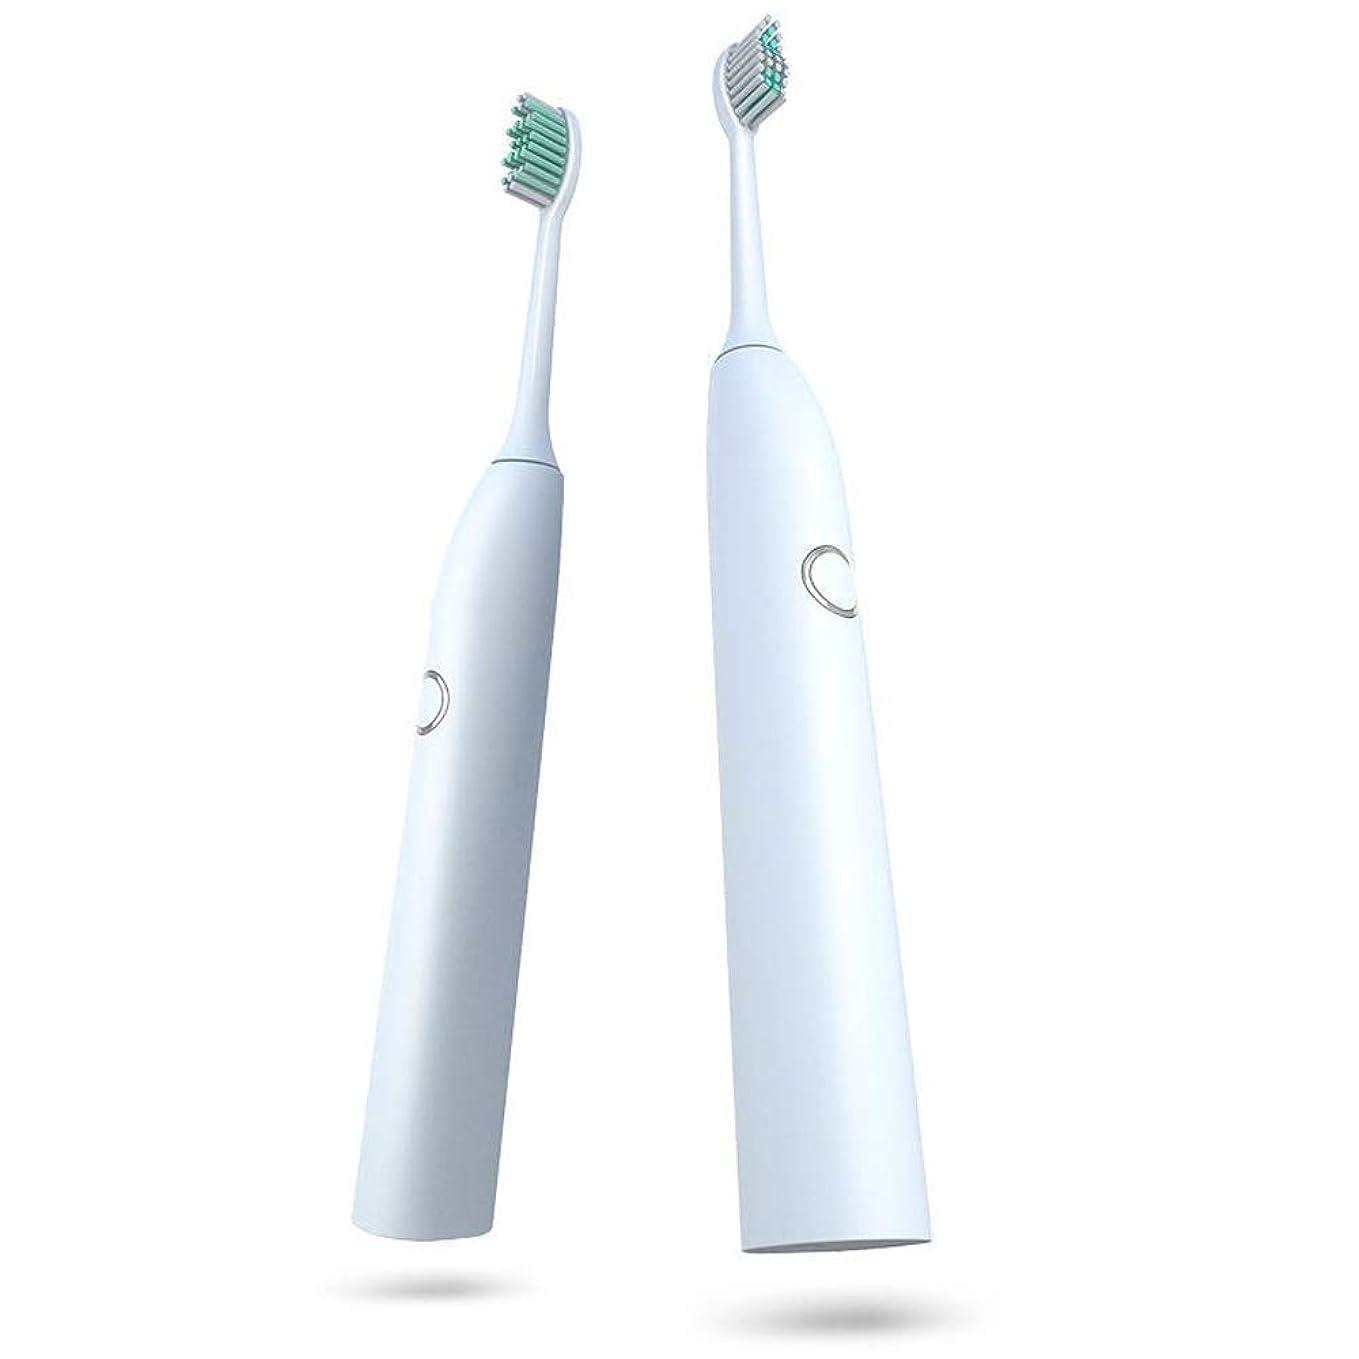 満員キャンベラアラブサラボ電動歯ブラシ 電動歯ブラシ防水USB充電式ソフトヘア歯ブラシきれいなホワイトニング歯科医 ディープクリーニング (色 : 白, サイズ : Free size)